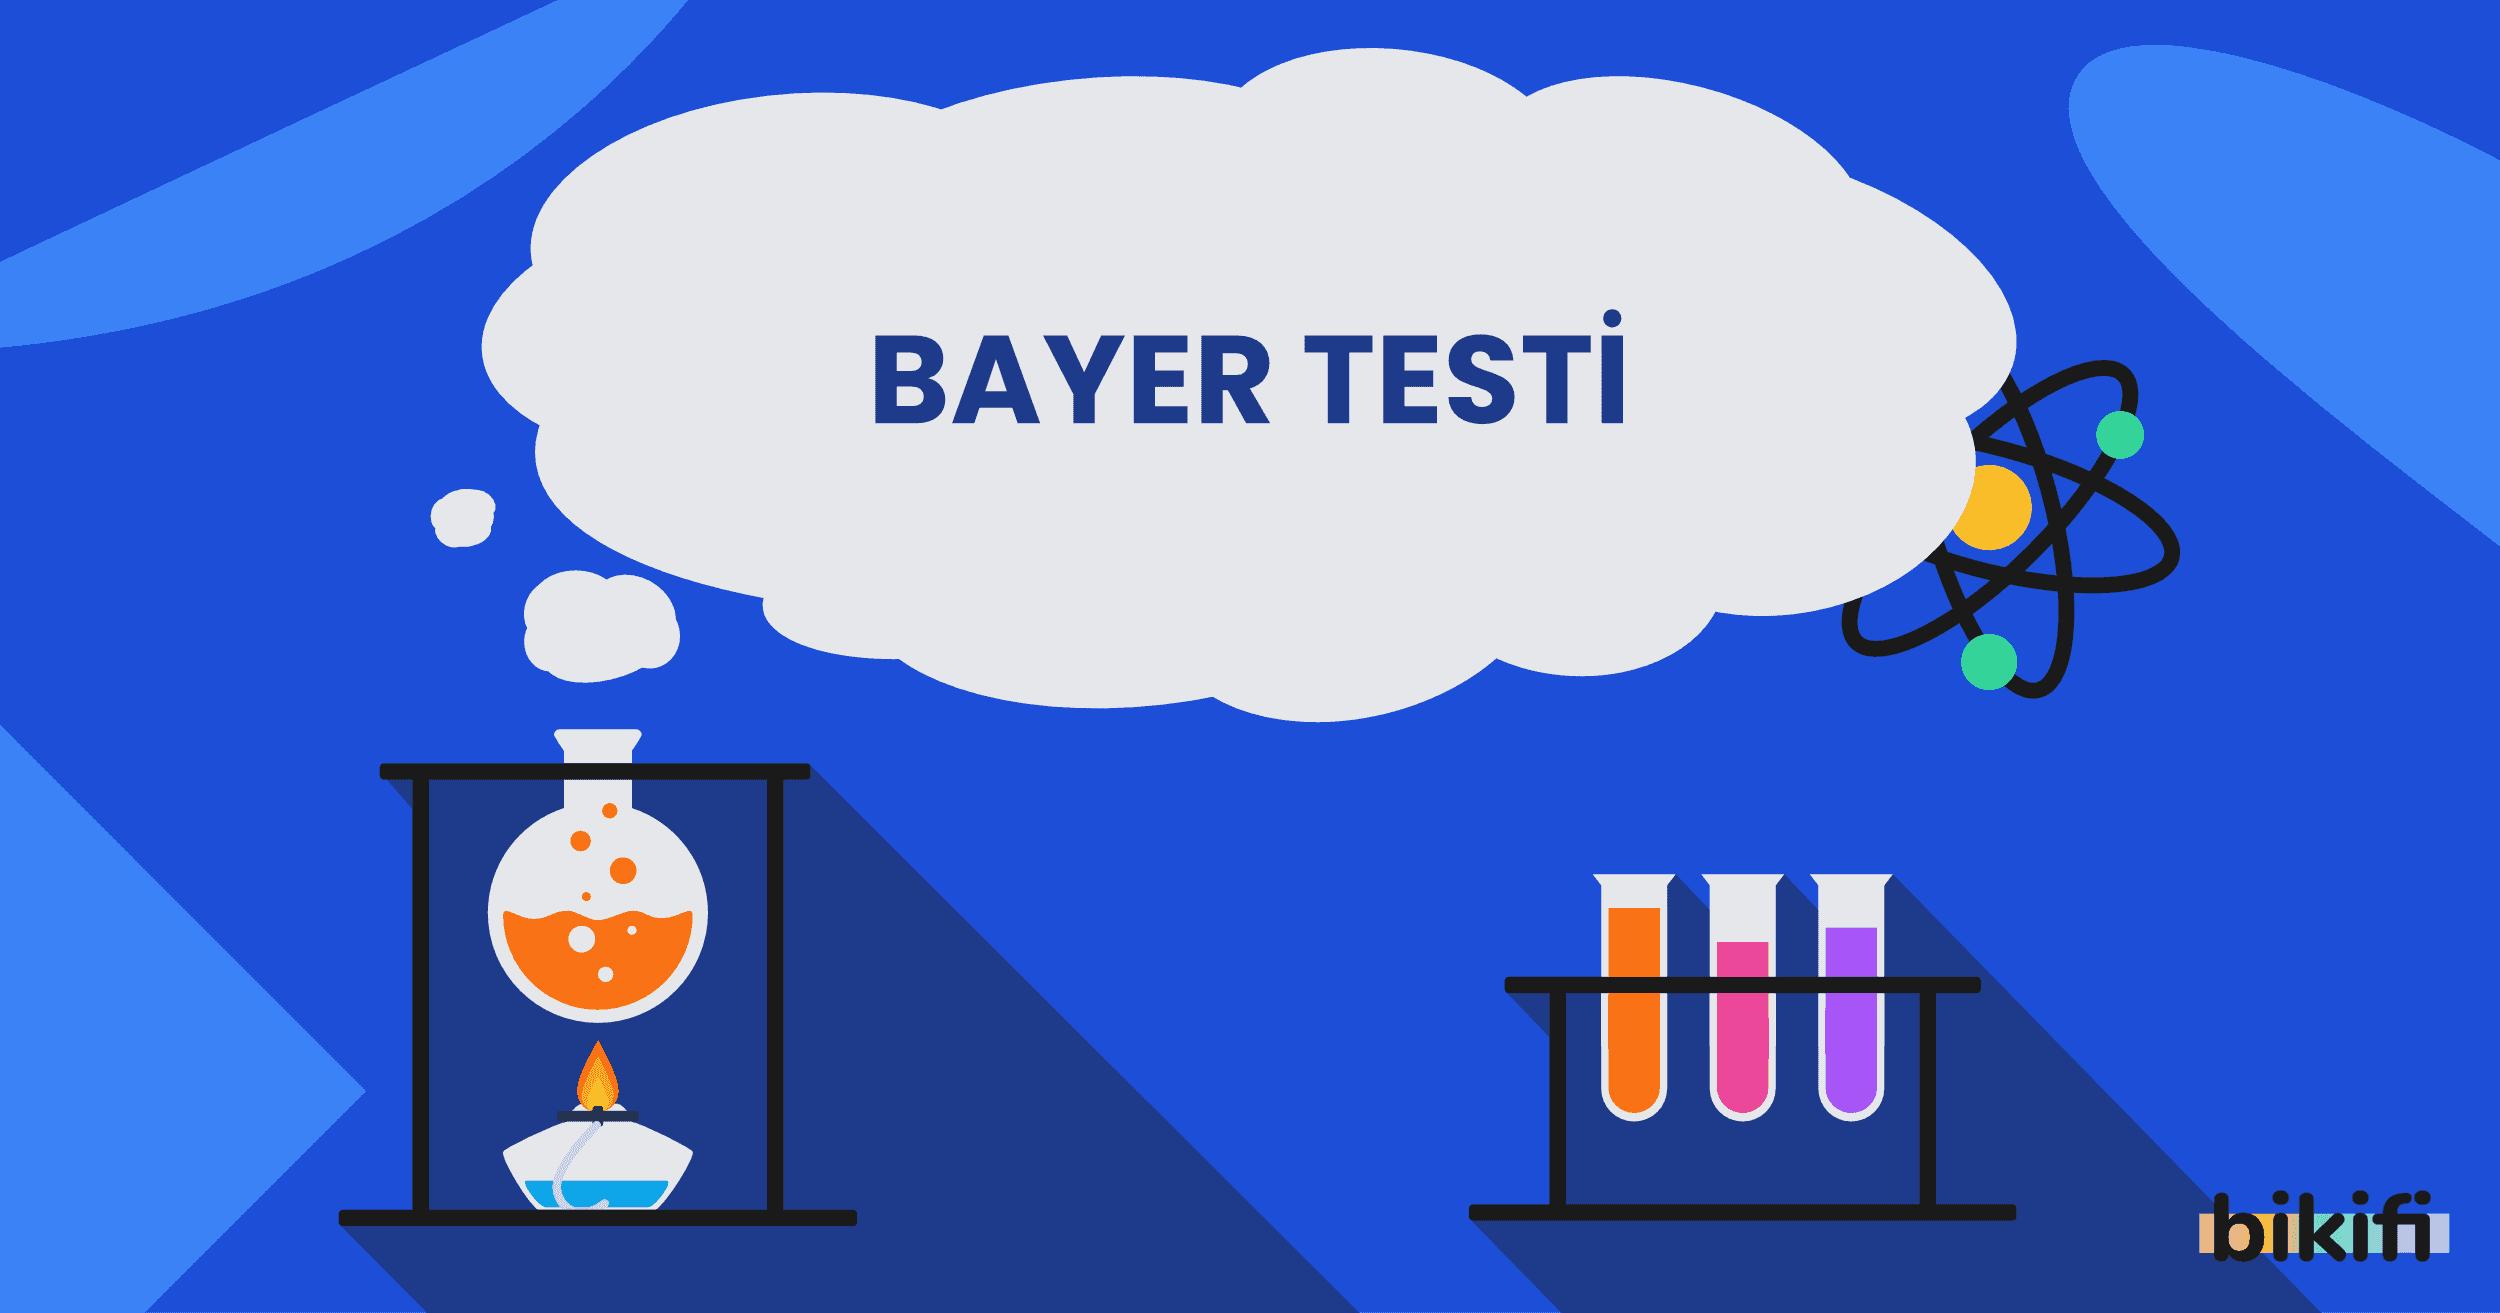 Bayer Testi